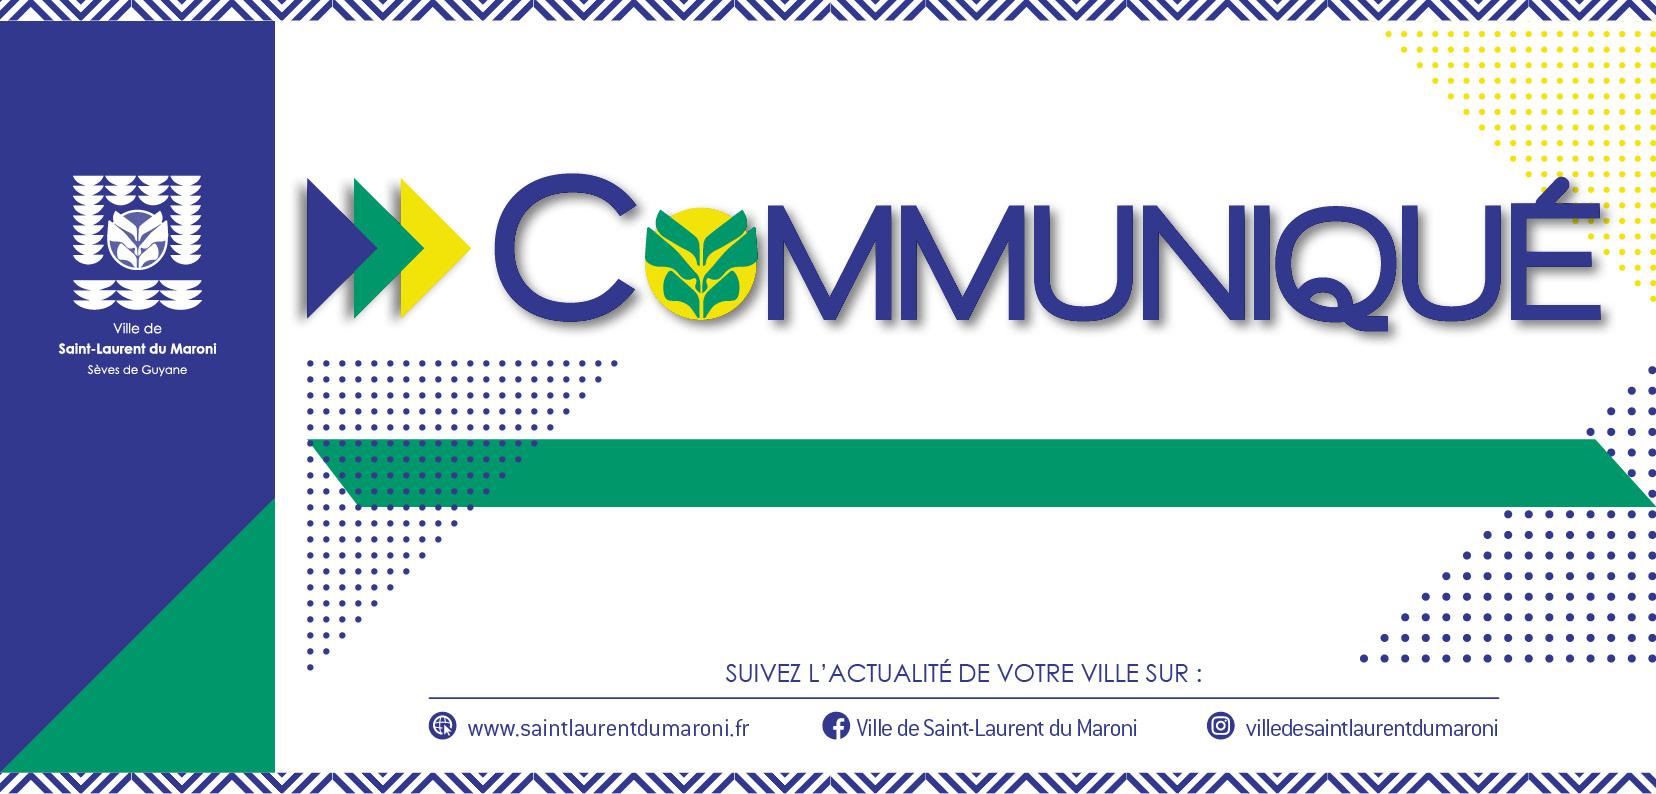 #Recrutement : Clôture des candidatures pour les emplois saisonniers pour la ville de Saint-Laurent du Maroni le 30 mars 2021